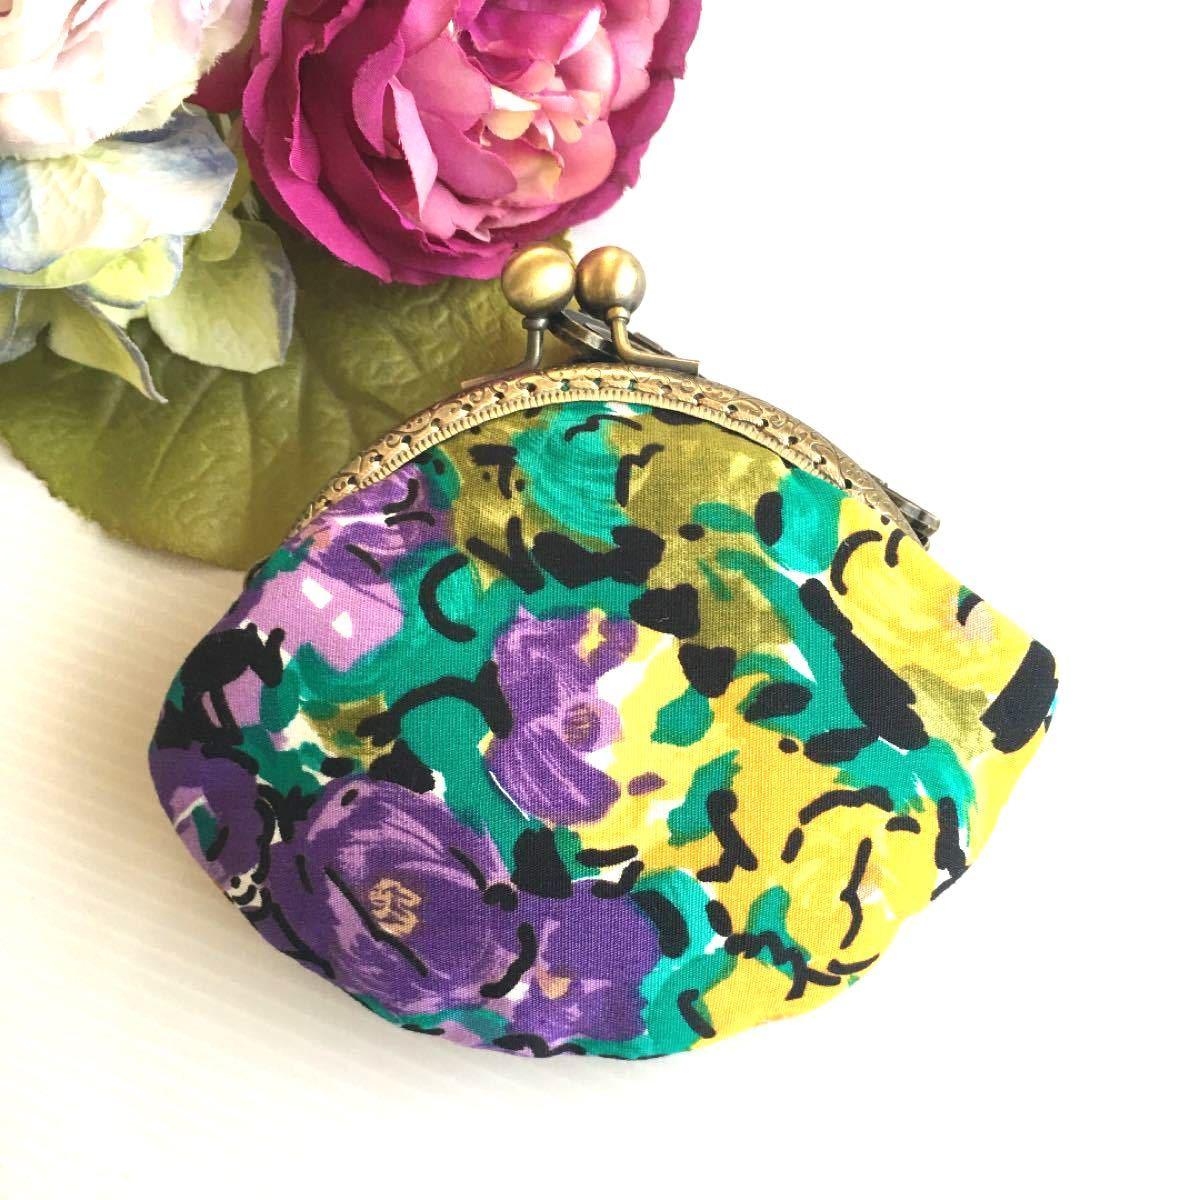 ☆ ハンドメイド P173 ☆ 紫 黄色 花柄 がま口ポーチ がま口財布